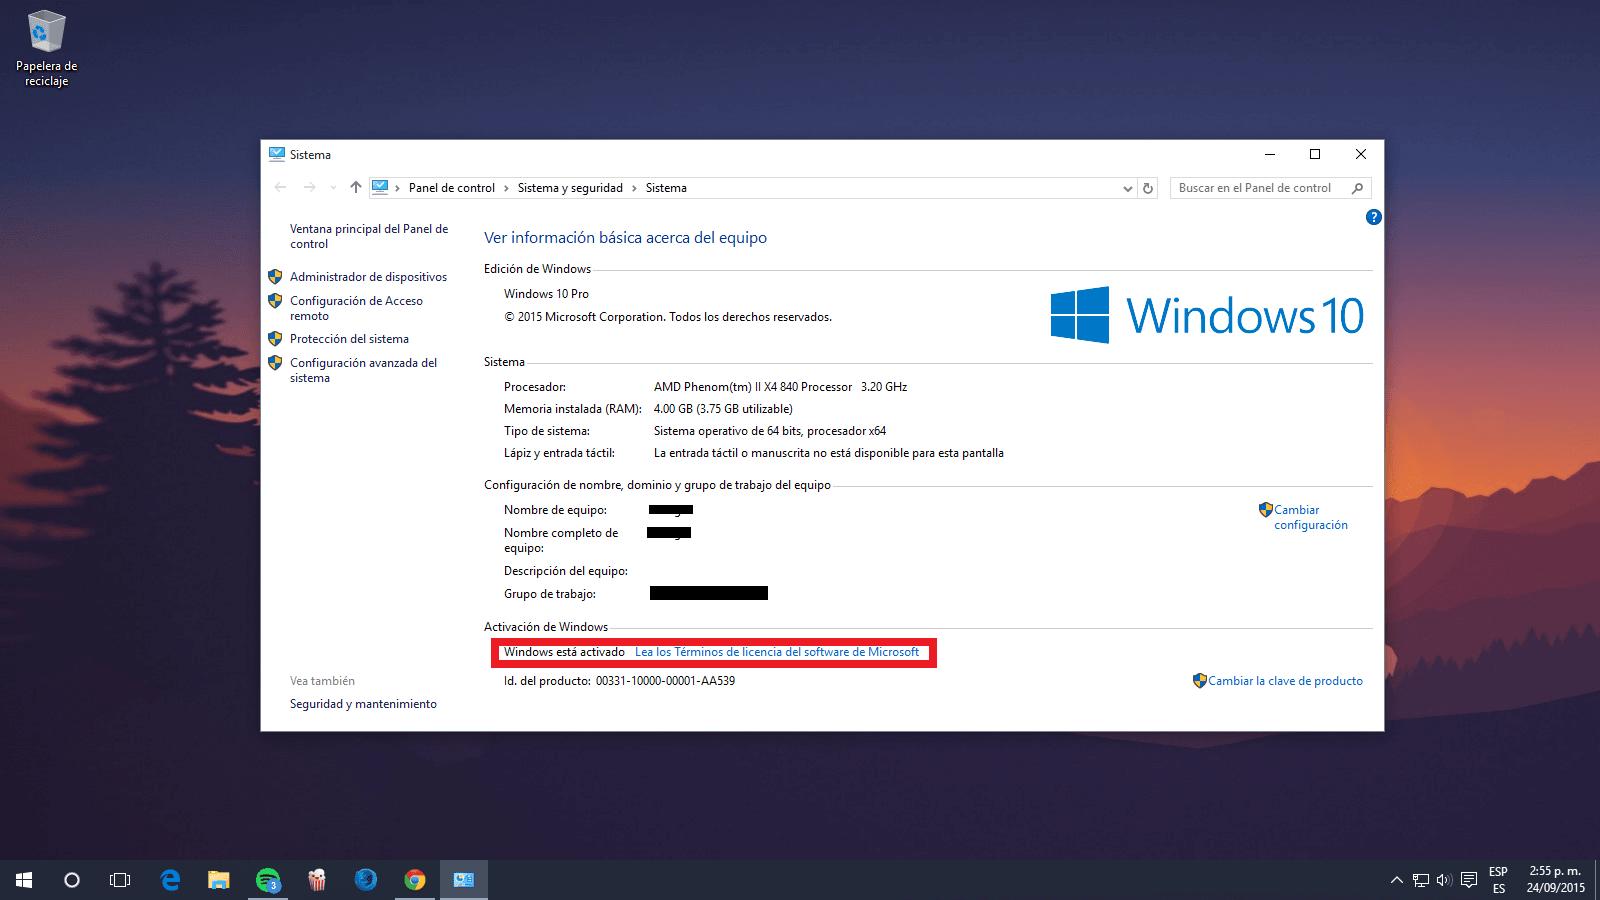 Como Activar Windows 10 ilegal fcil y seguro